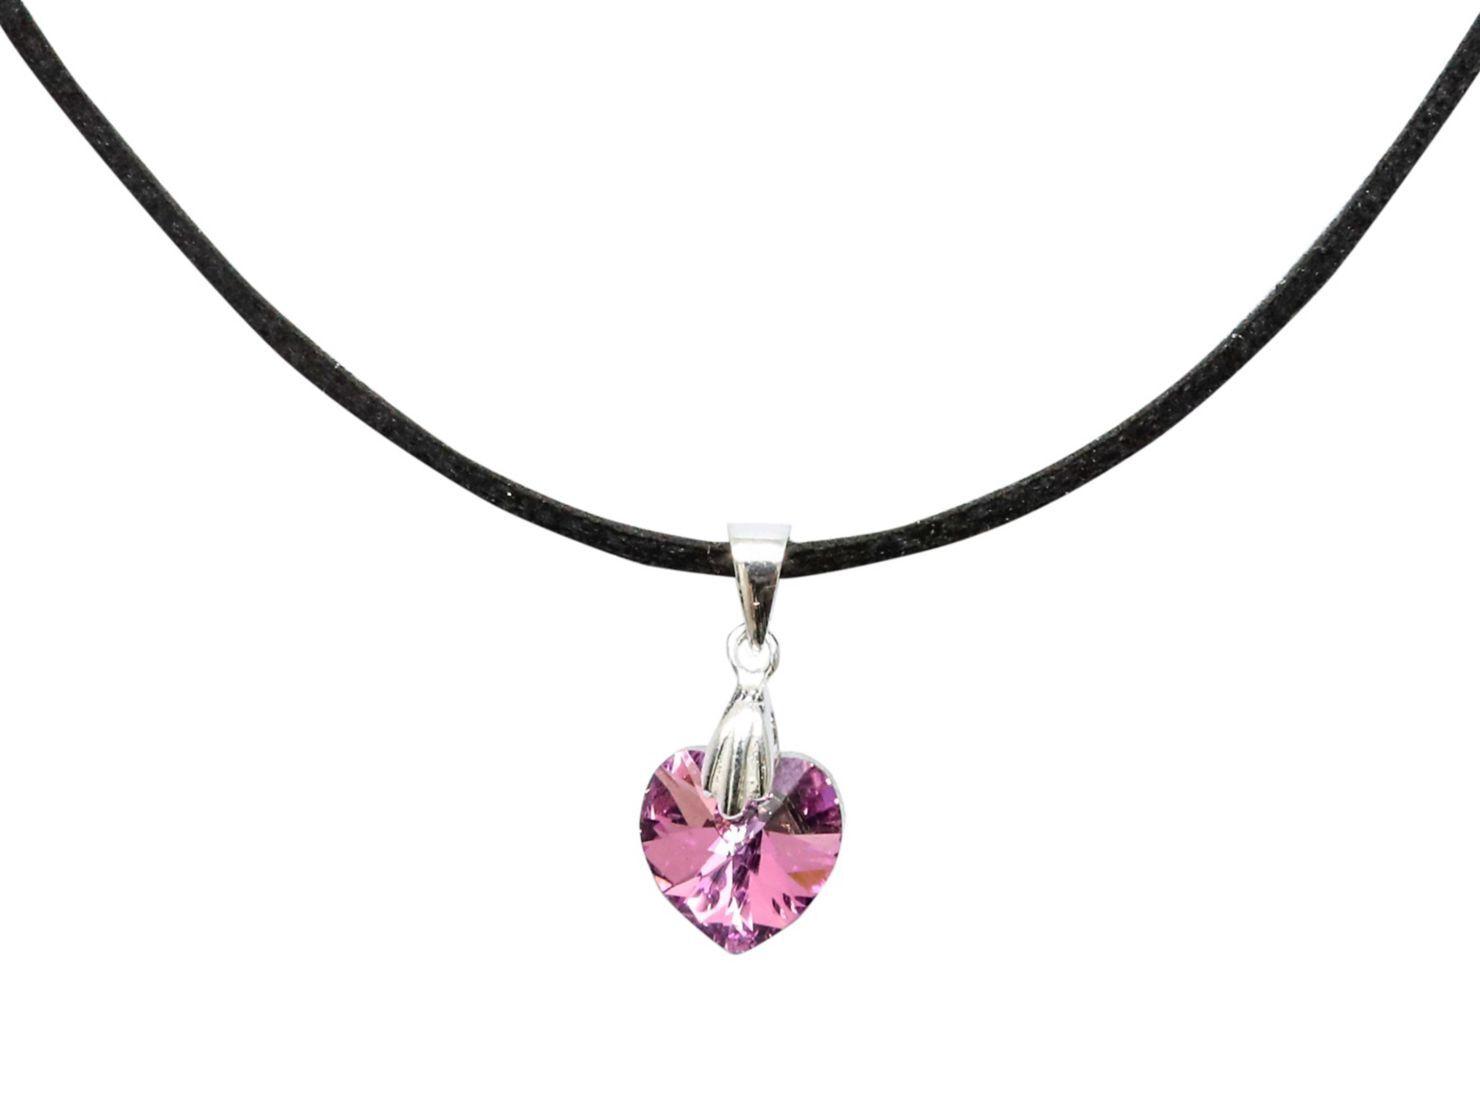 e81a376d37d0 Collar Colgante Moskatel Corazón Cristal Swarovski Vitrail Light en ...